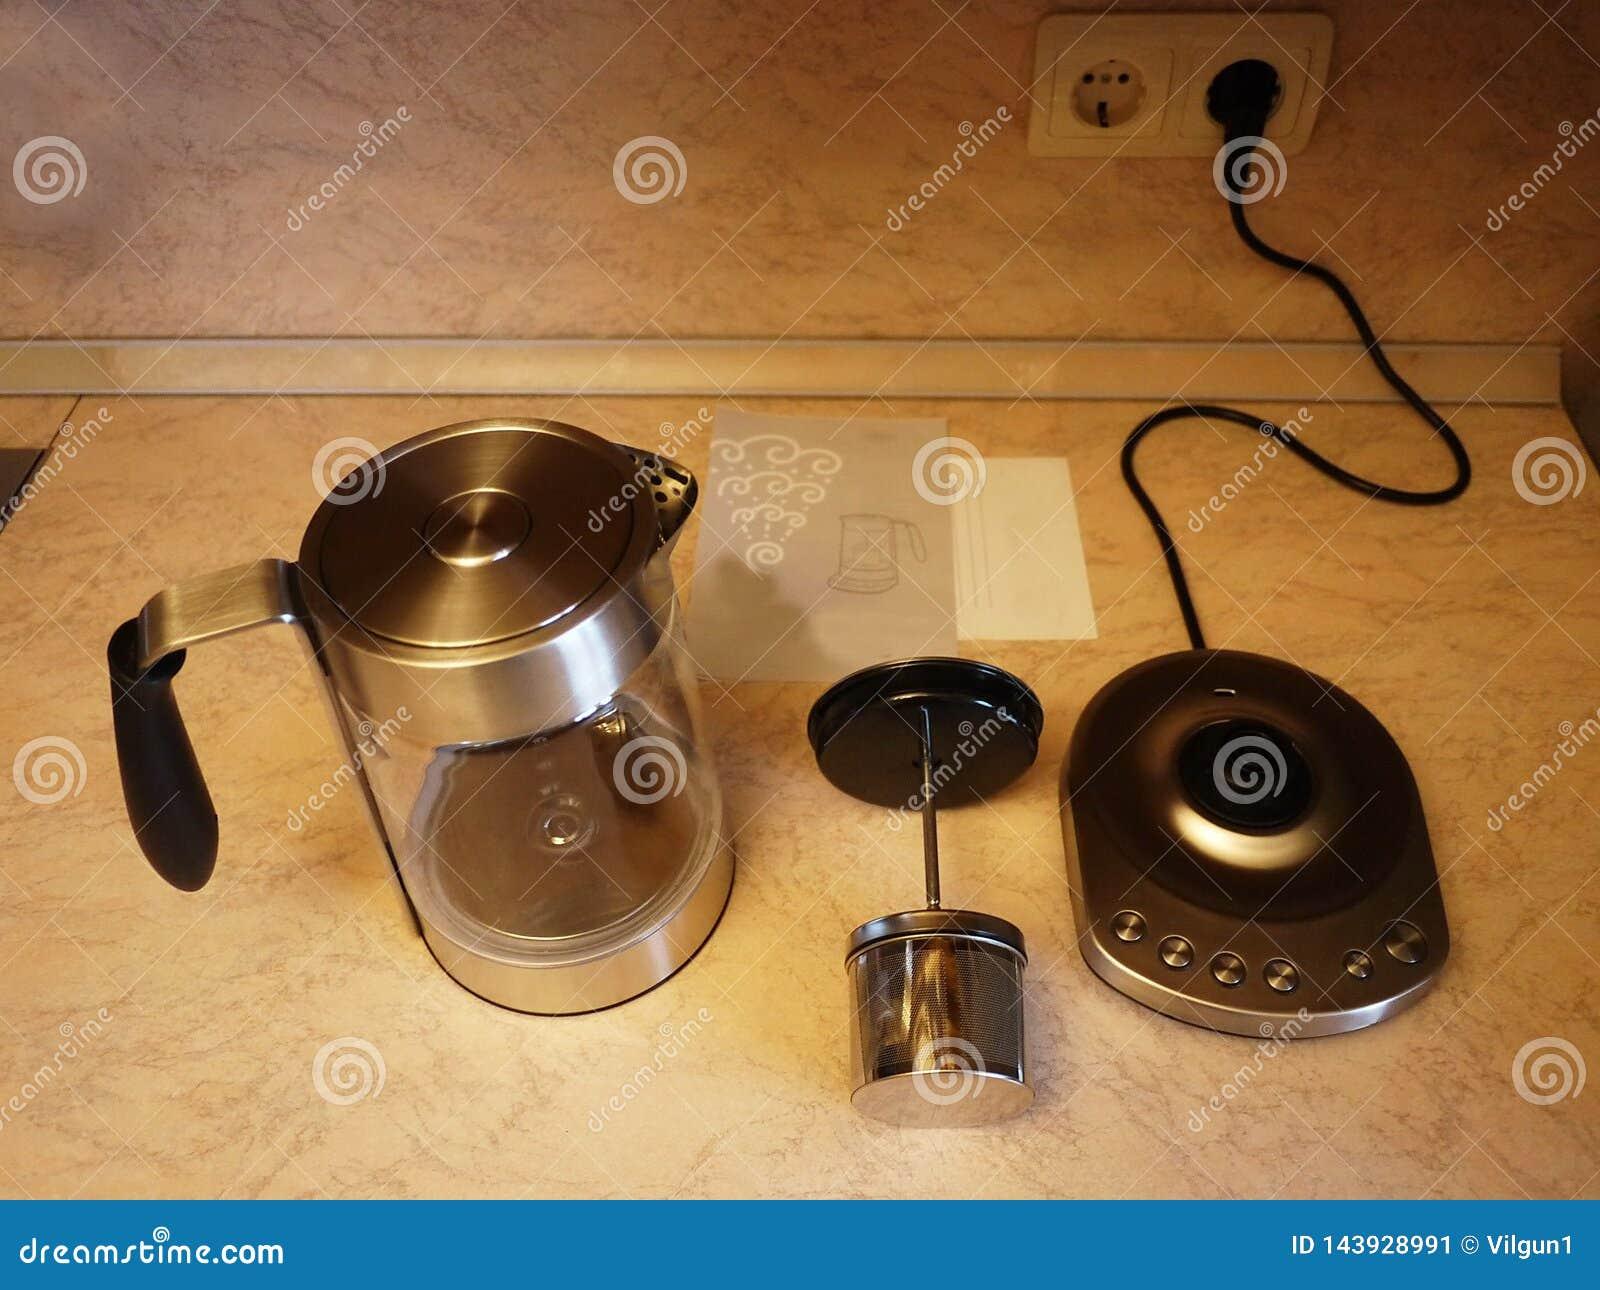 Η κατσαρόλα στην κουζίνα Όμορφος πίνακας με τα κουλούρια και το καυτό τσάι Λεπτομέρειες και κινηματογράφηση σε πρώτο πλάνο